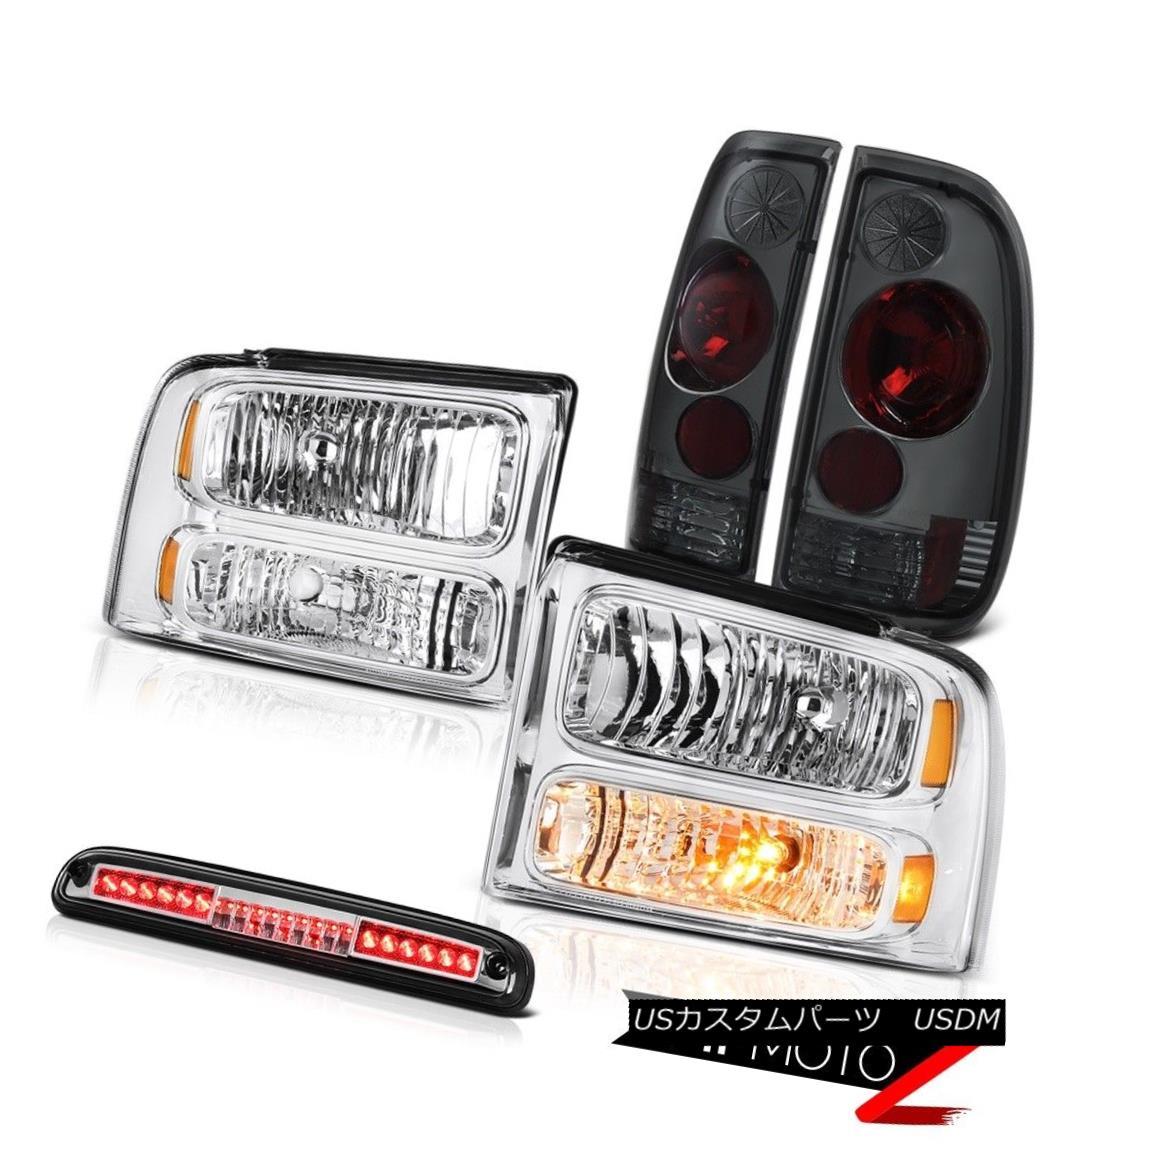 テールライト 2005-07 F350 7.3L Crystal Headlights LH RH Rear Signal Tail Lights Roof Stop LED 2005-07 F350 7.3LクリスタルヘッドライトLH RHリアシグナルテールライトルーフストップLED